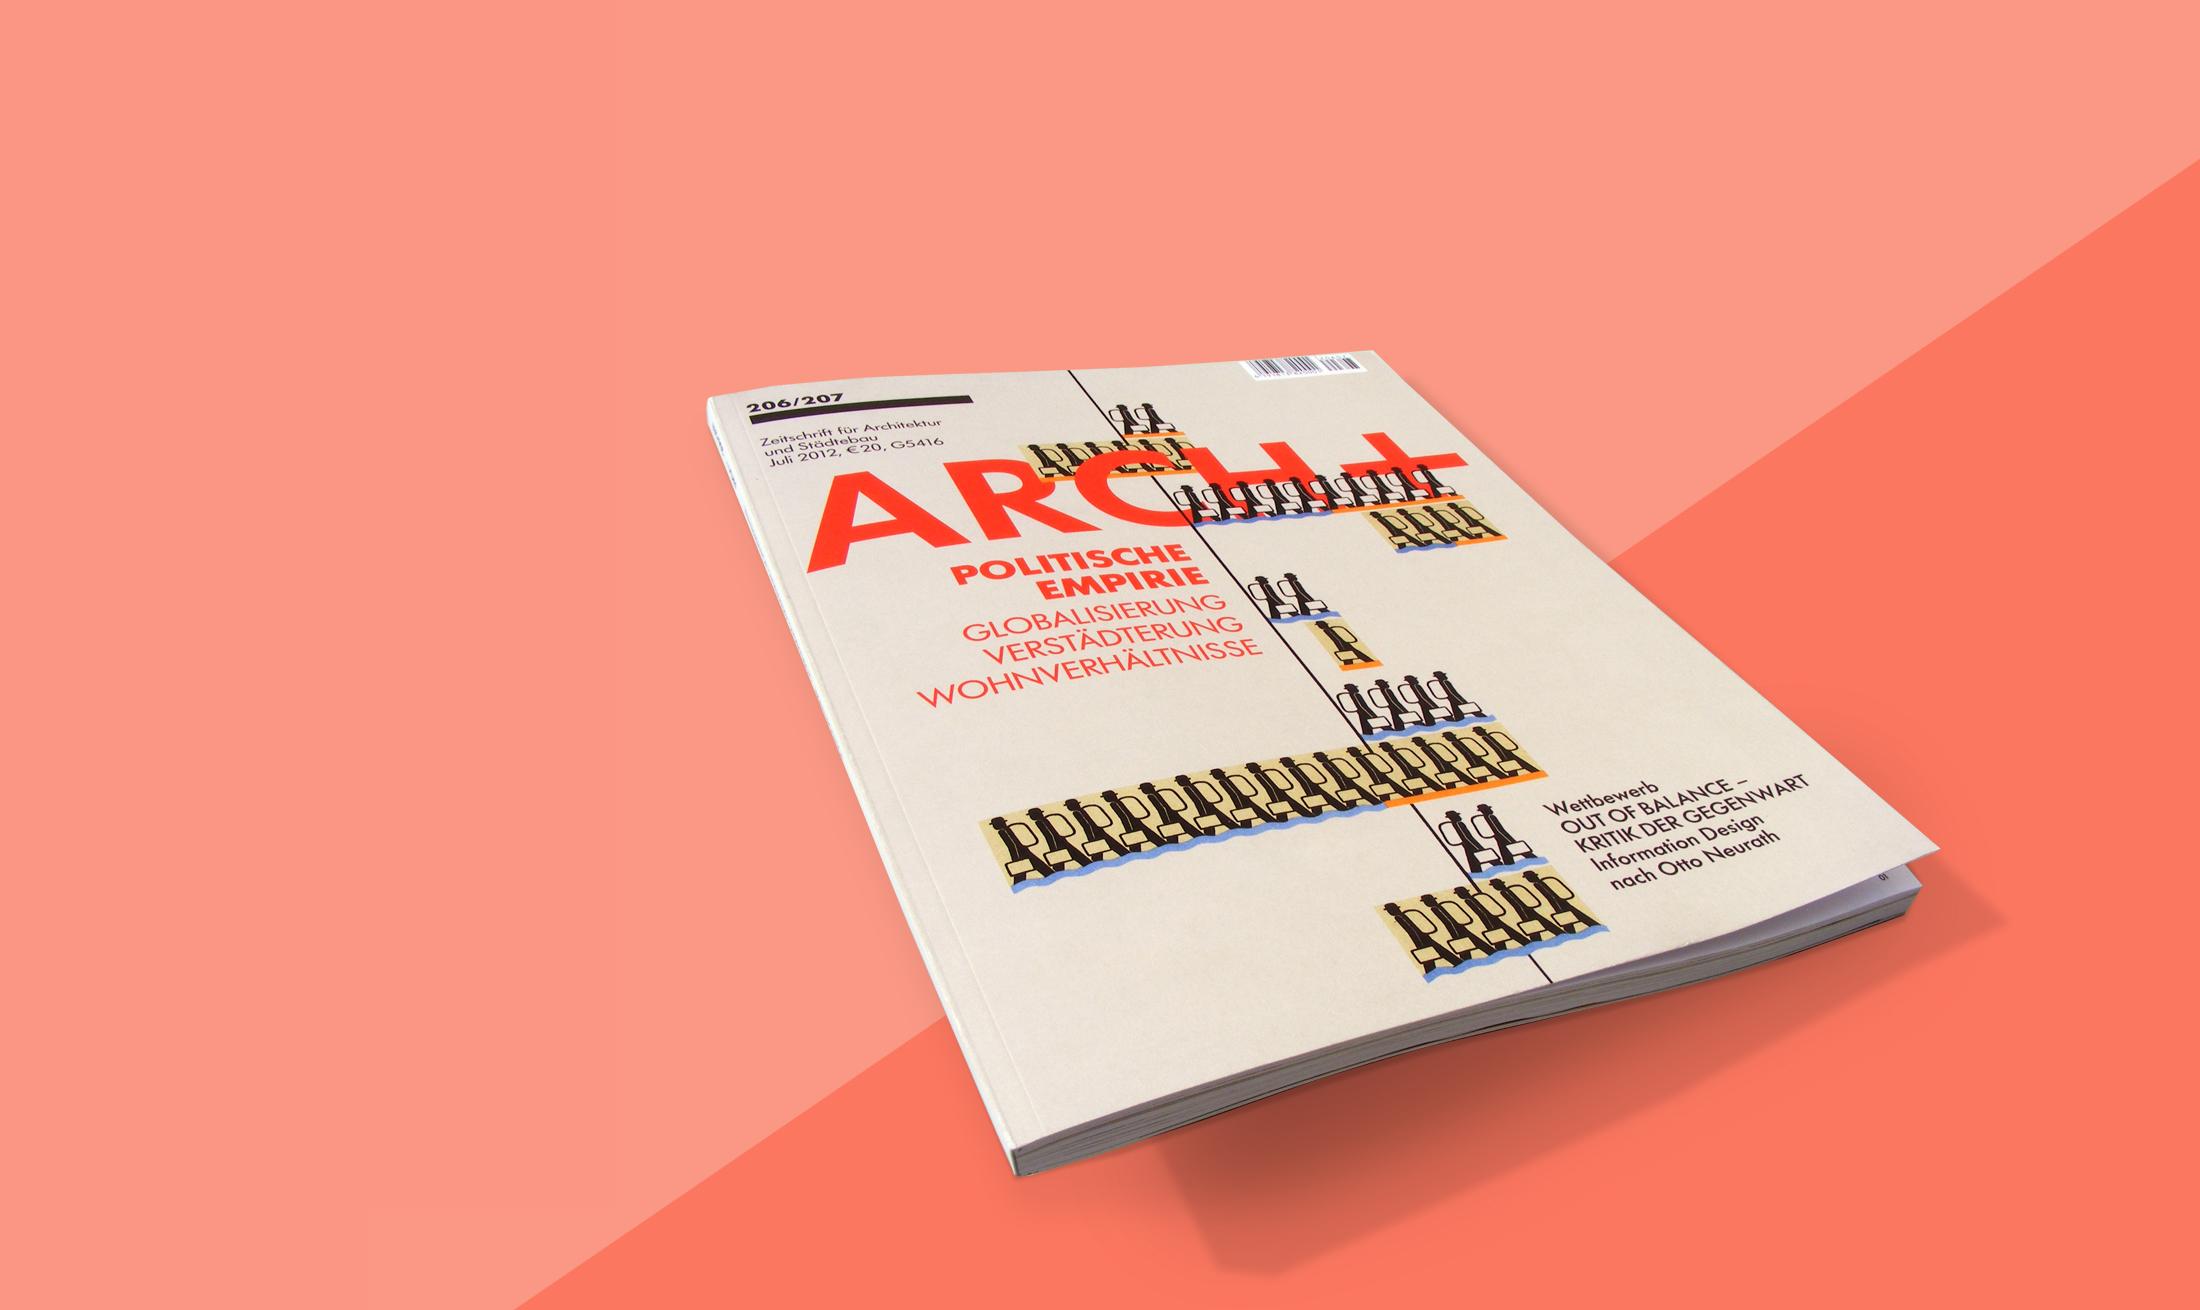 arch-heft-206-207.jpg